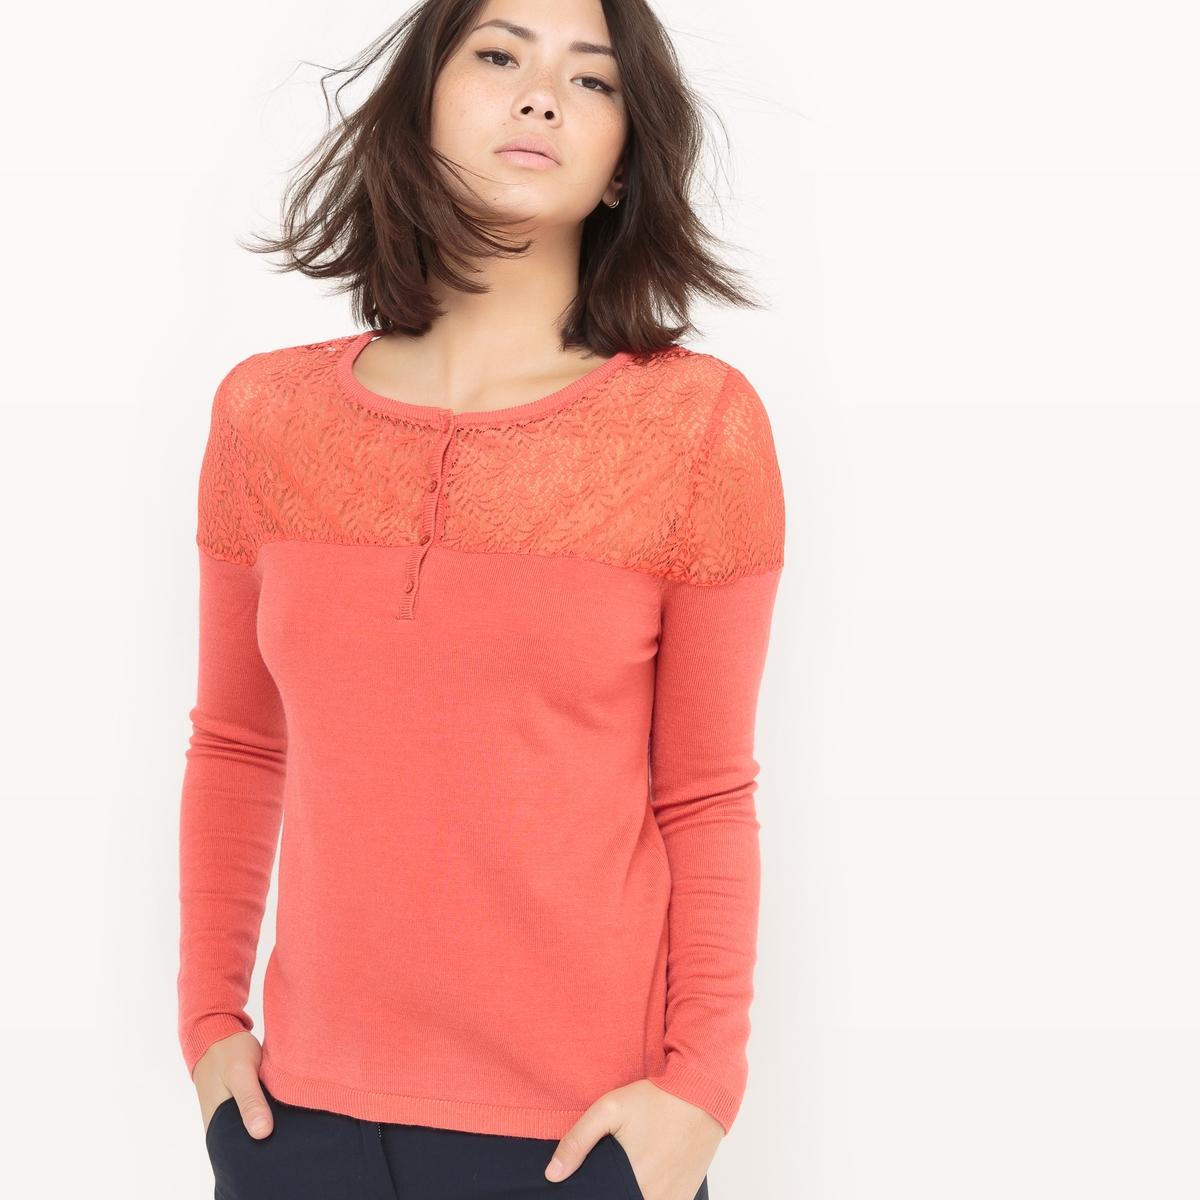 Пуловер с круглым вырезом и вставкой из кружева блузка с квадратным вырезом со вставкой из кружева